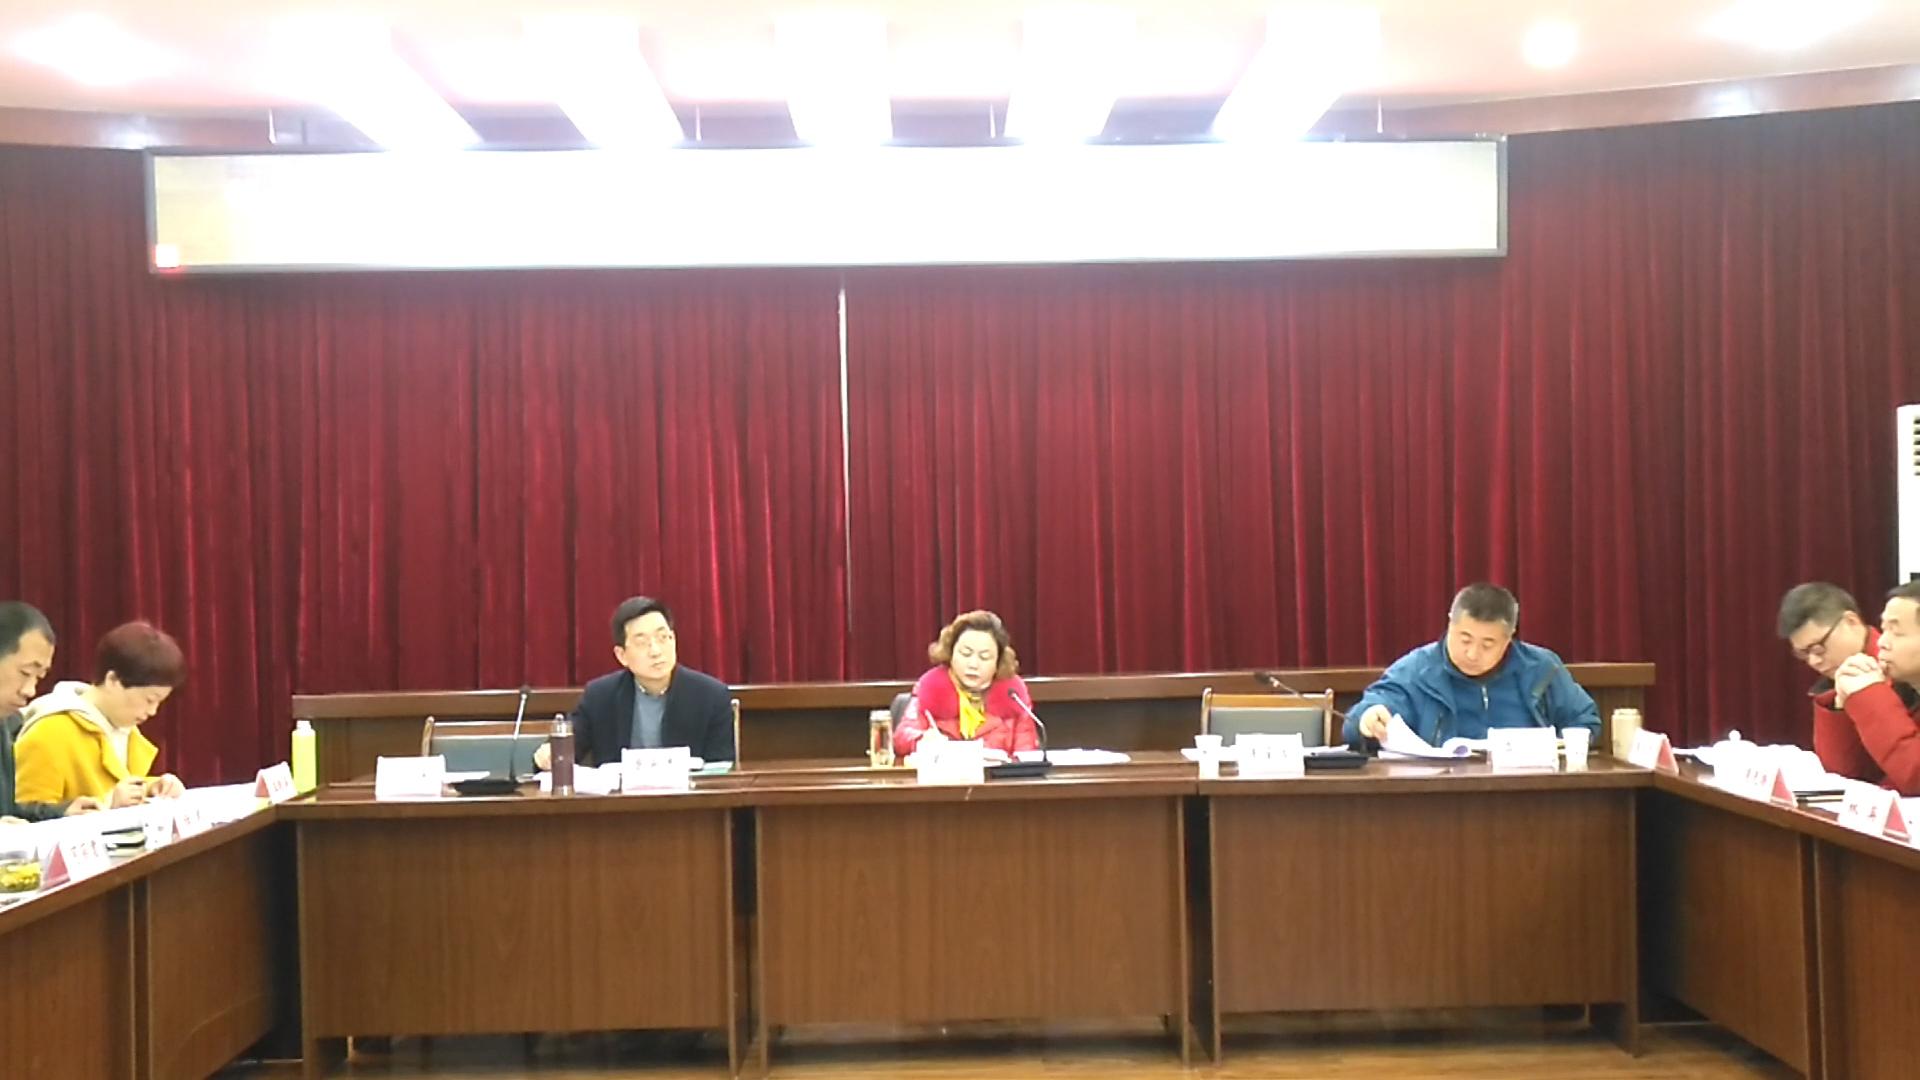 """市教育局召开""""师德师风建设暨队伍素质提升年""""座谈会"""